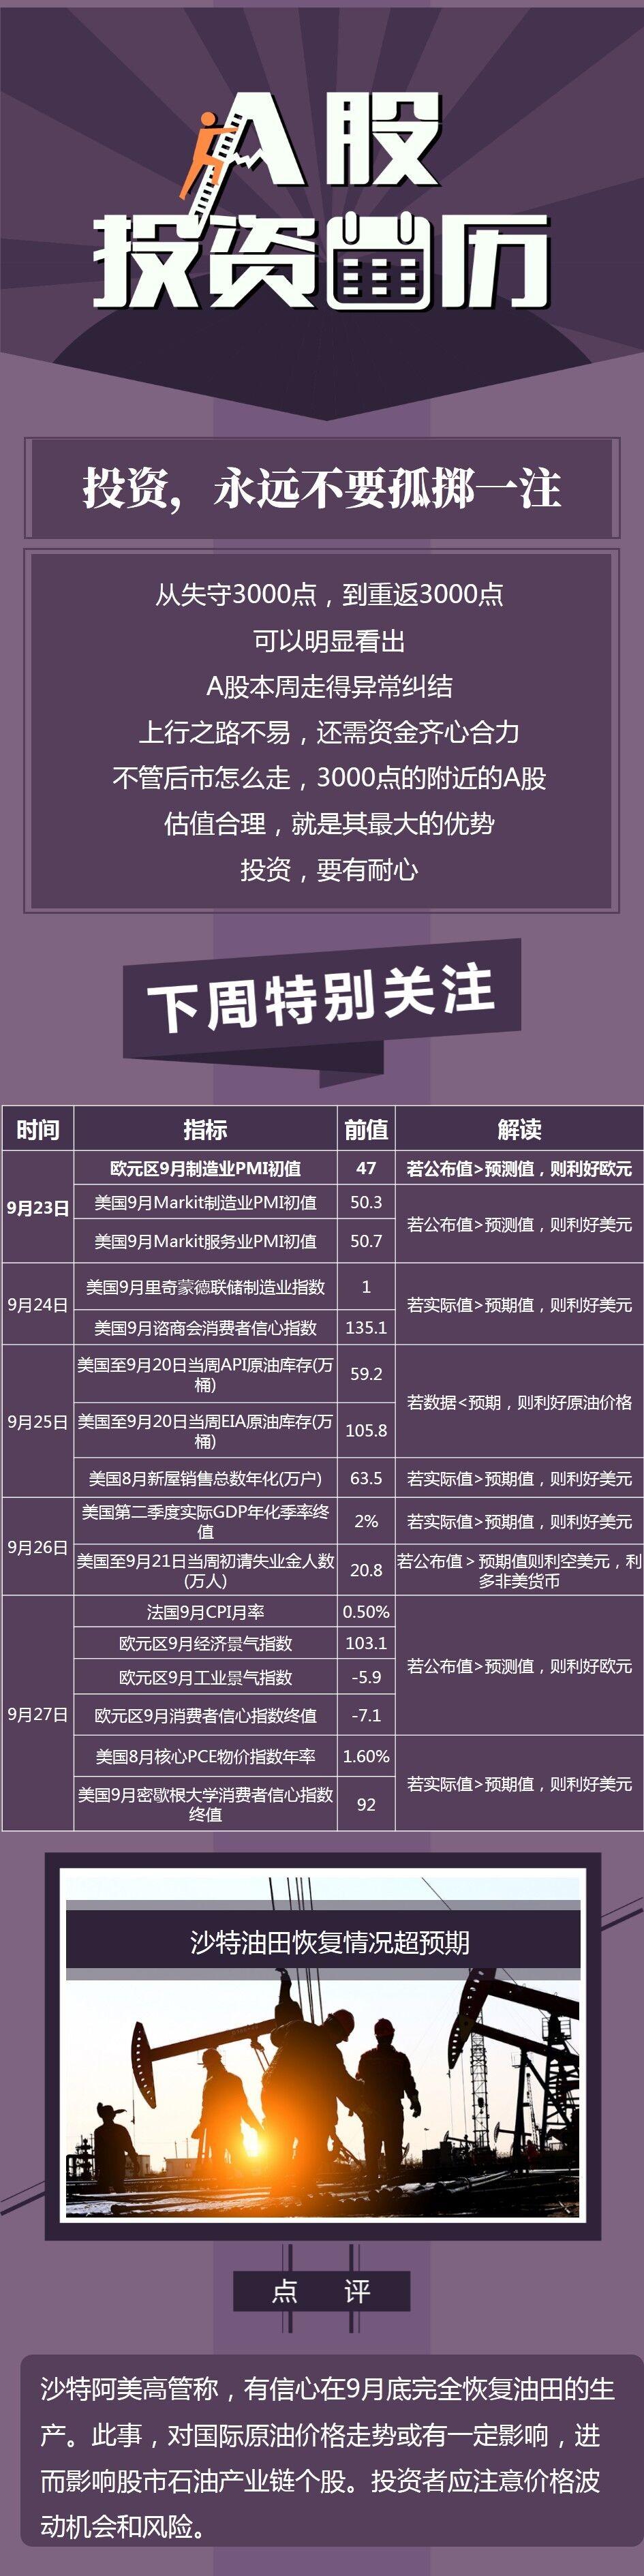 长江期货与武汉大学联合举办大商所高校人才培育项目